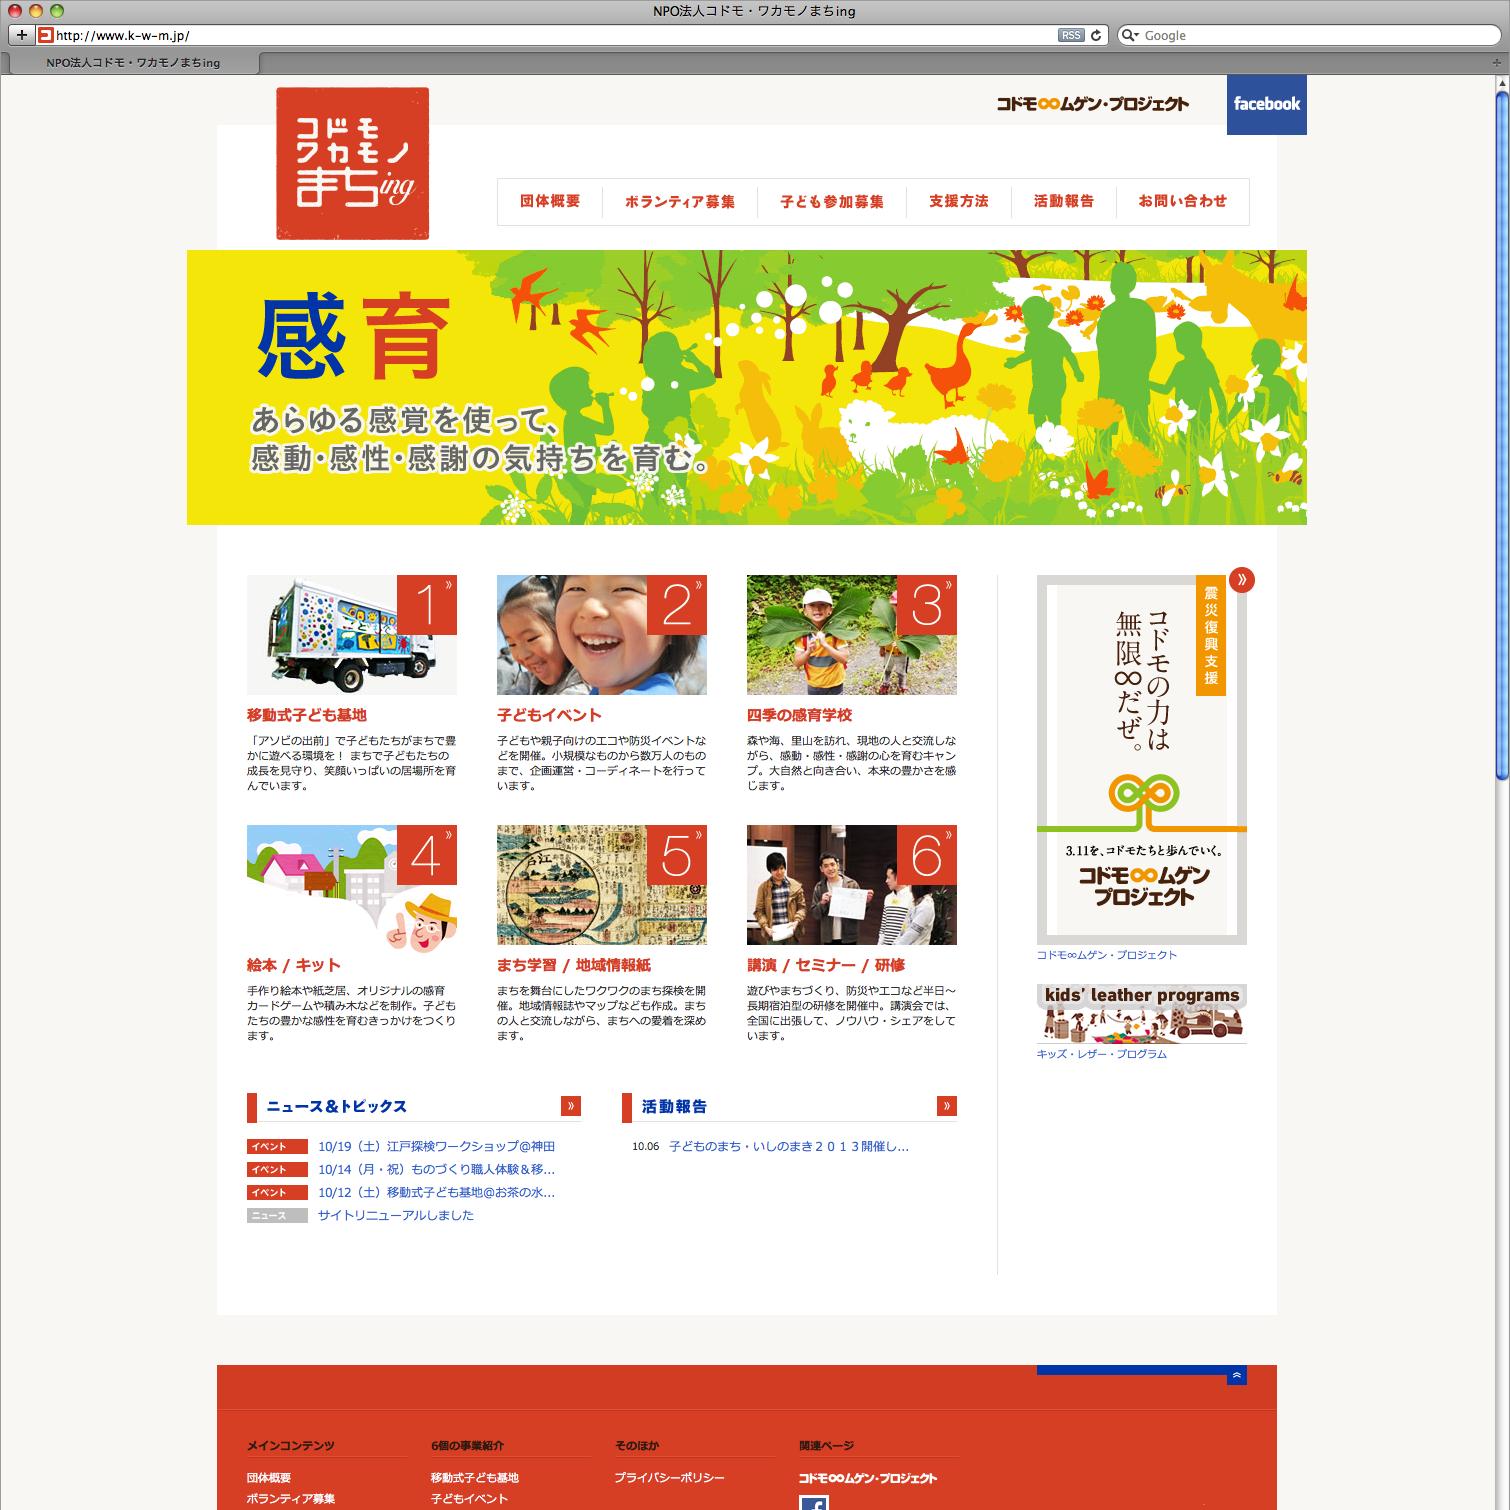 NPO コドモ・ワカモノ・まちing|ウェブデザイン ロゴシンボル|東京都千代田区